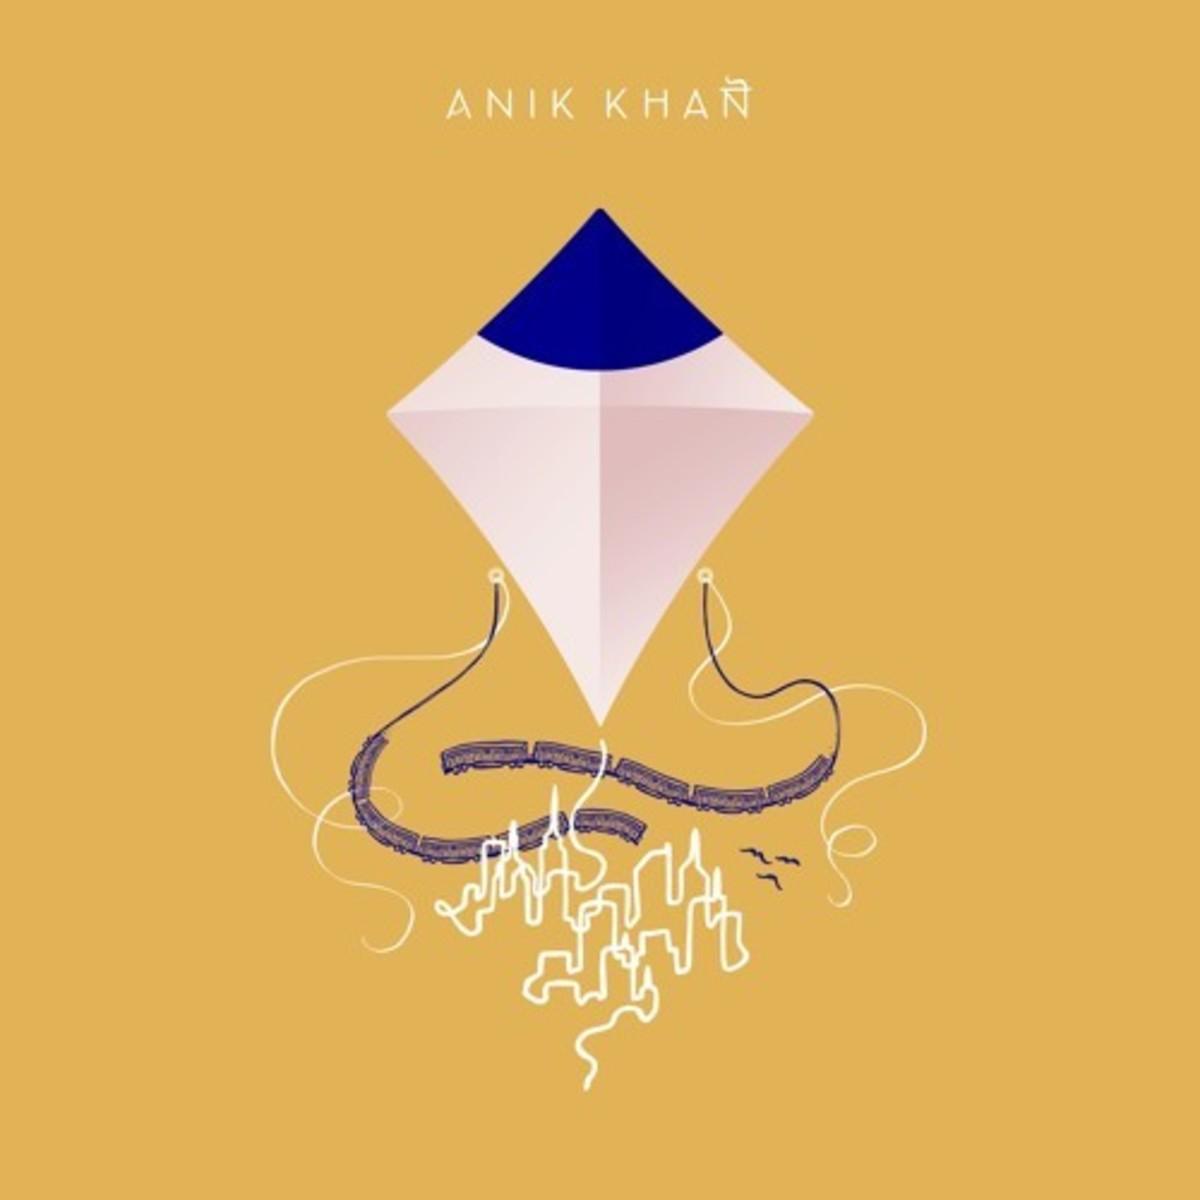 anik-khan-kites.jpg